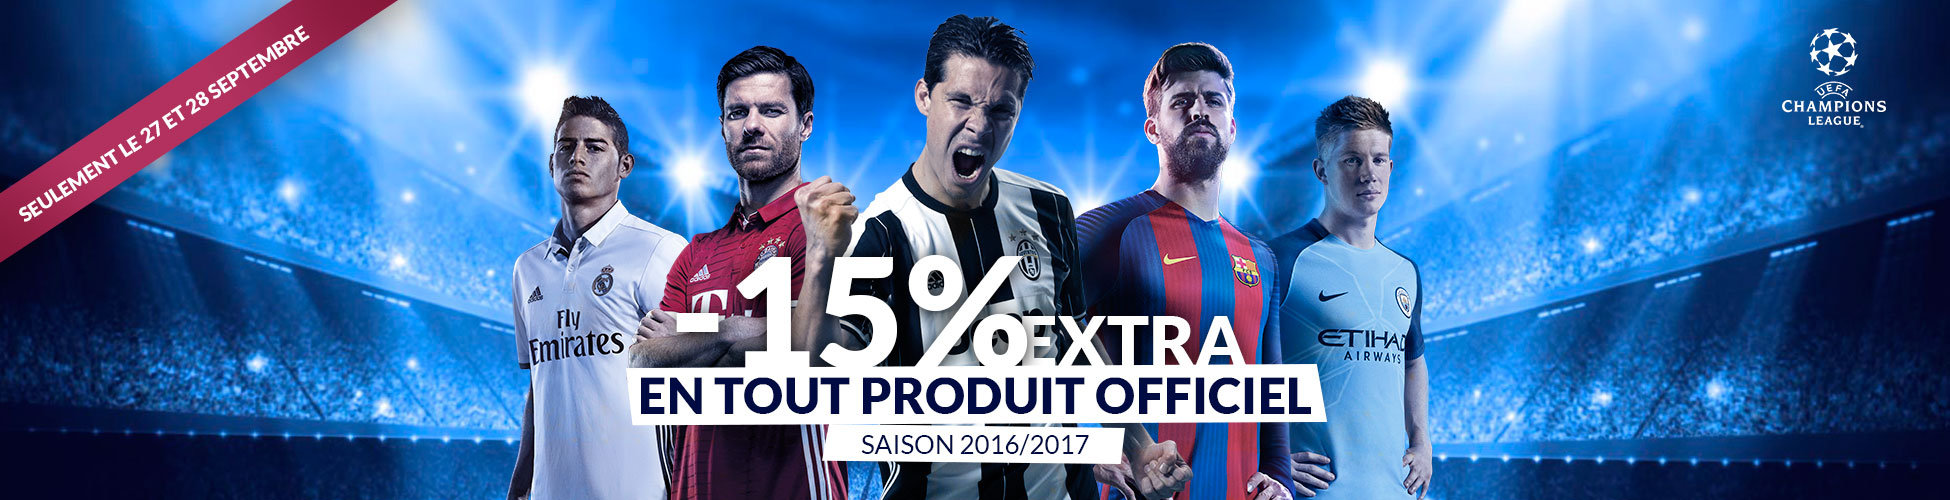 Descuento Champions 15% Septiembre FR